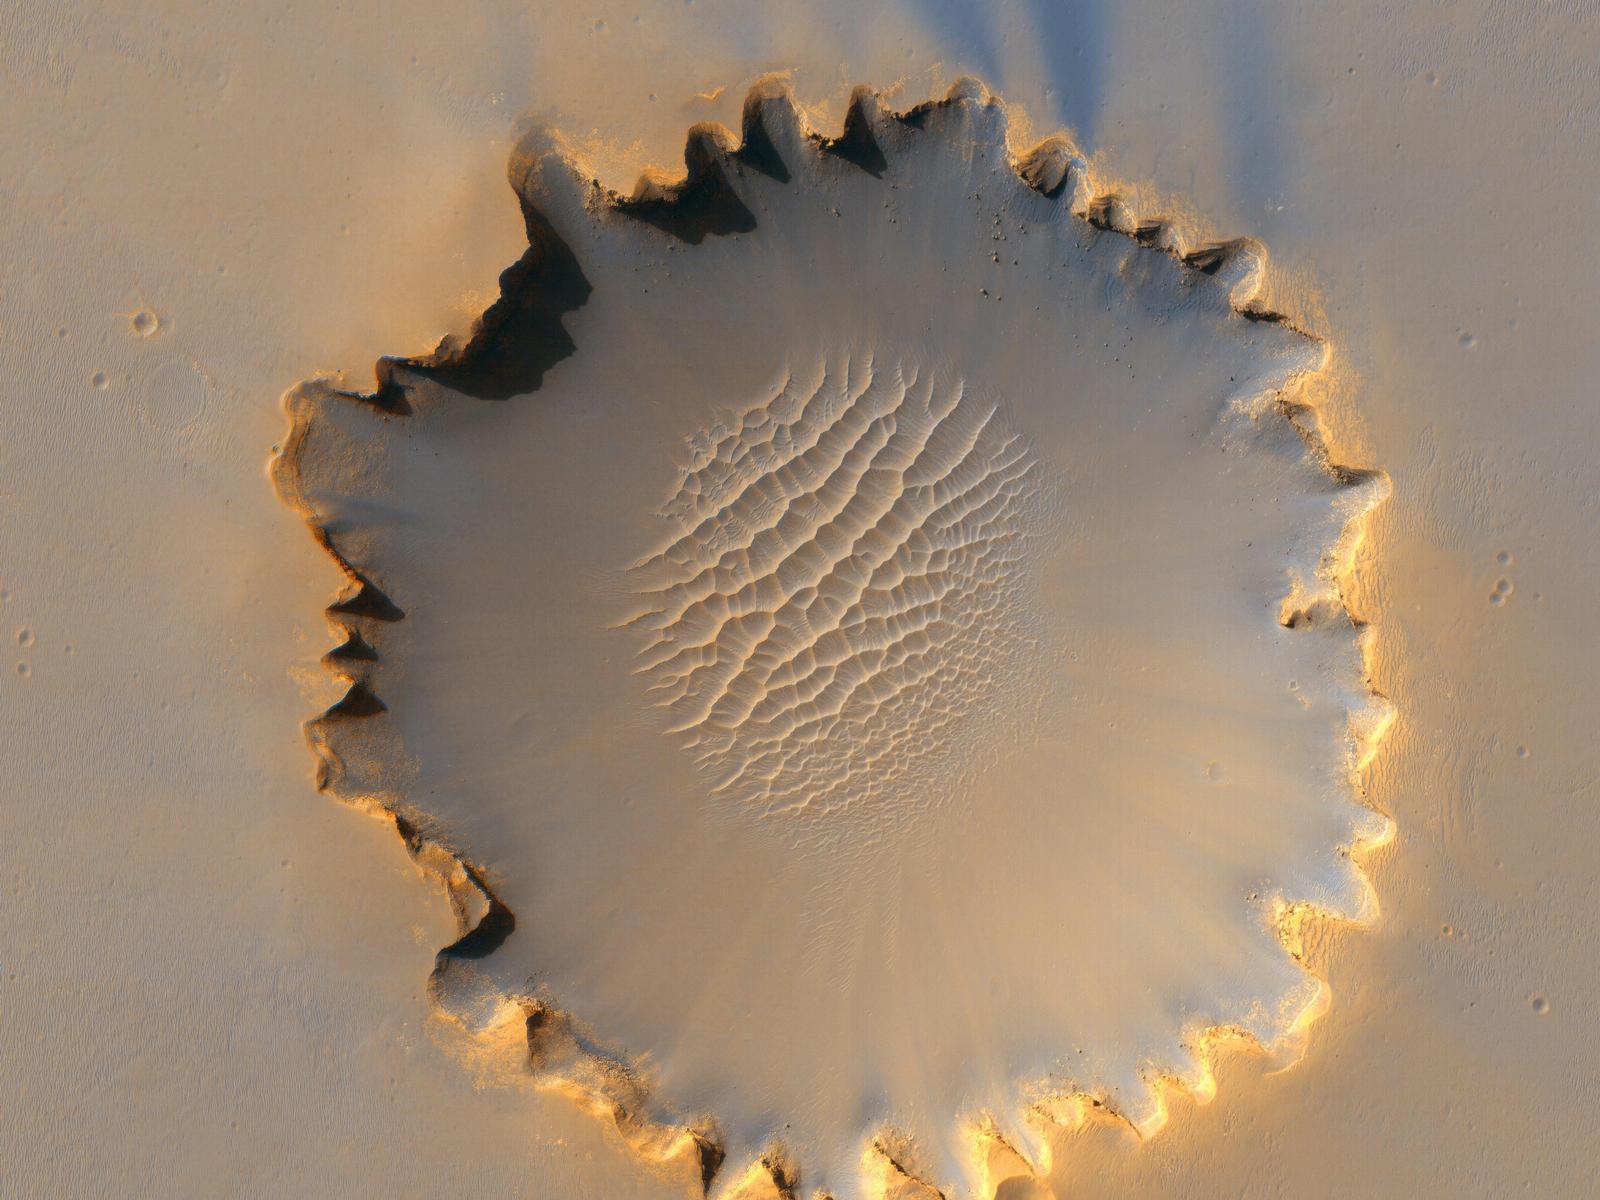 'Victoria Crater' at Meridiani Planum